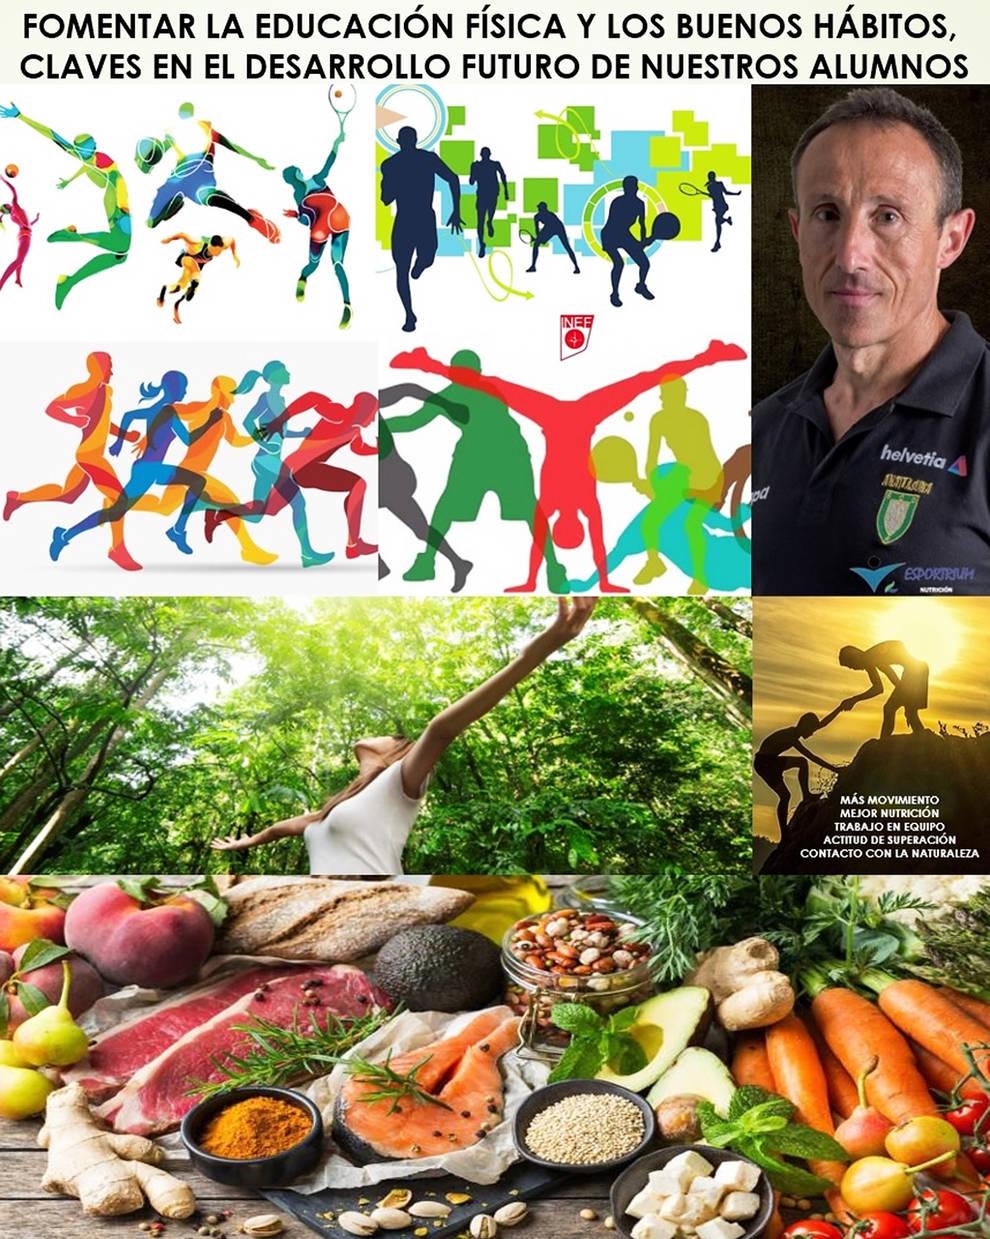 La educación física y la educación nutricional: claves en el desarrollo futuro de nuestros alumnos